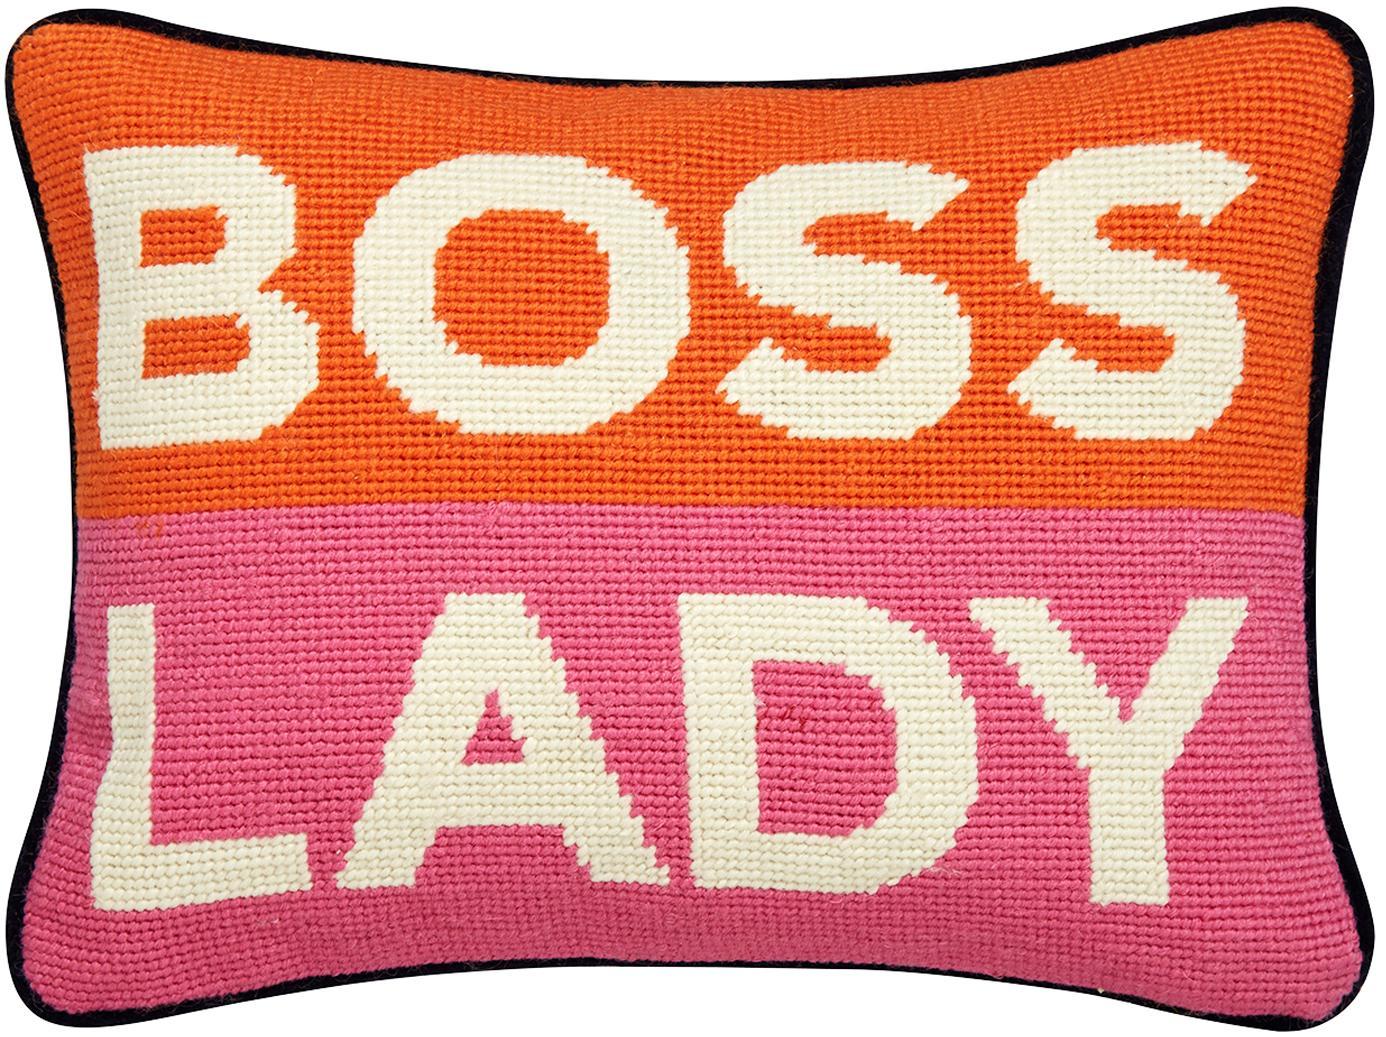 Kleines handbesticktes Designer Kissen Boss Lady, mit Inlett, Vorderseite: 100% Wolle, Rückseite: Baumwollsamt, Orange, Weiß, Pink, Marineblau, 23 x 30 cm